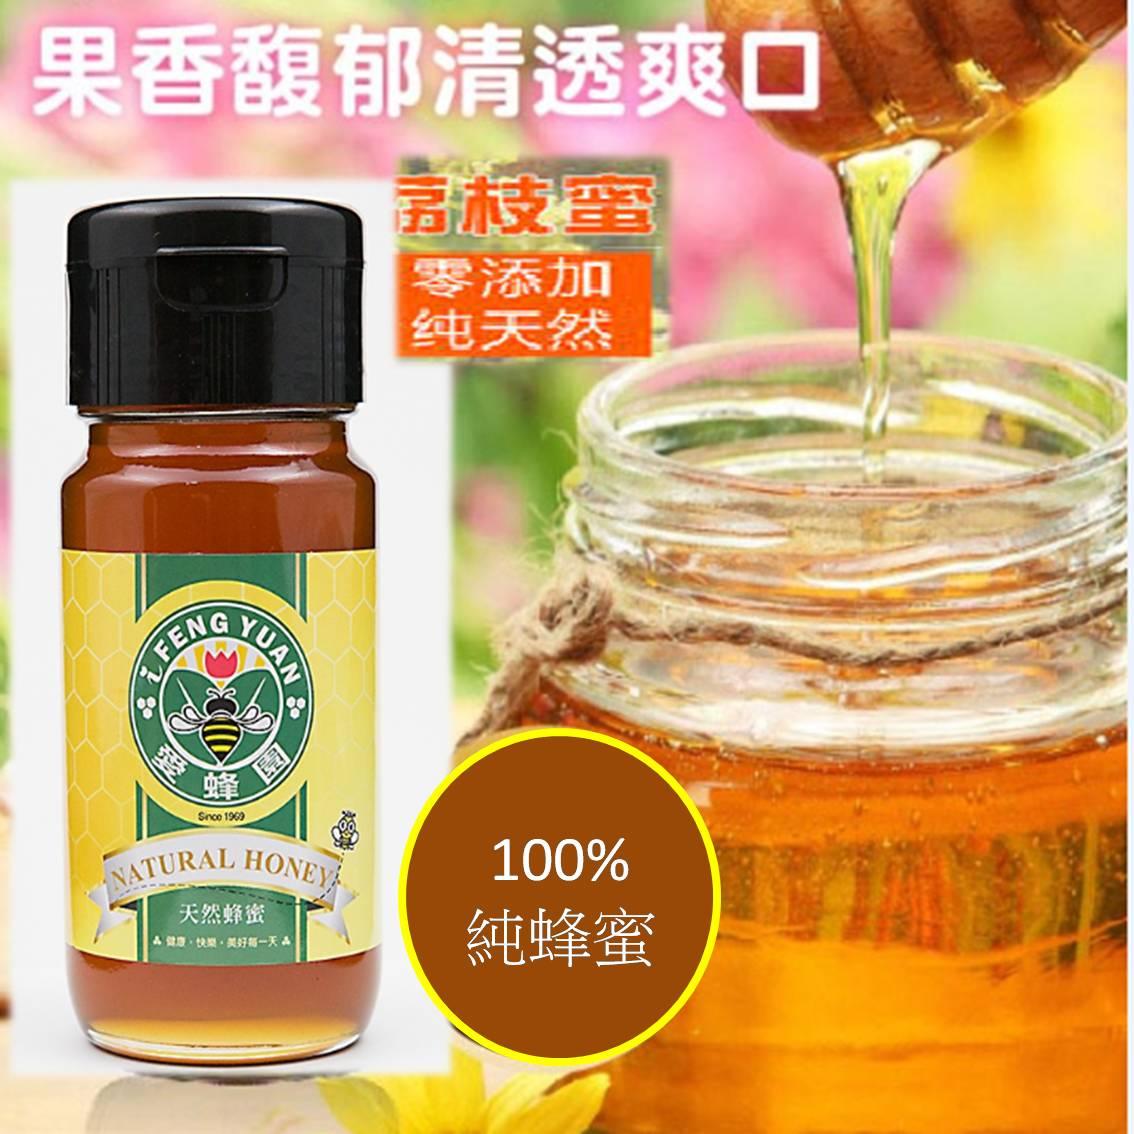 ~~下殺↘ 550愛蜂園 荔枝蜂蜜^(大^) 700g ~樂活 館~